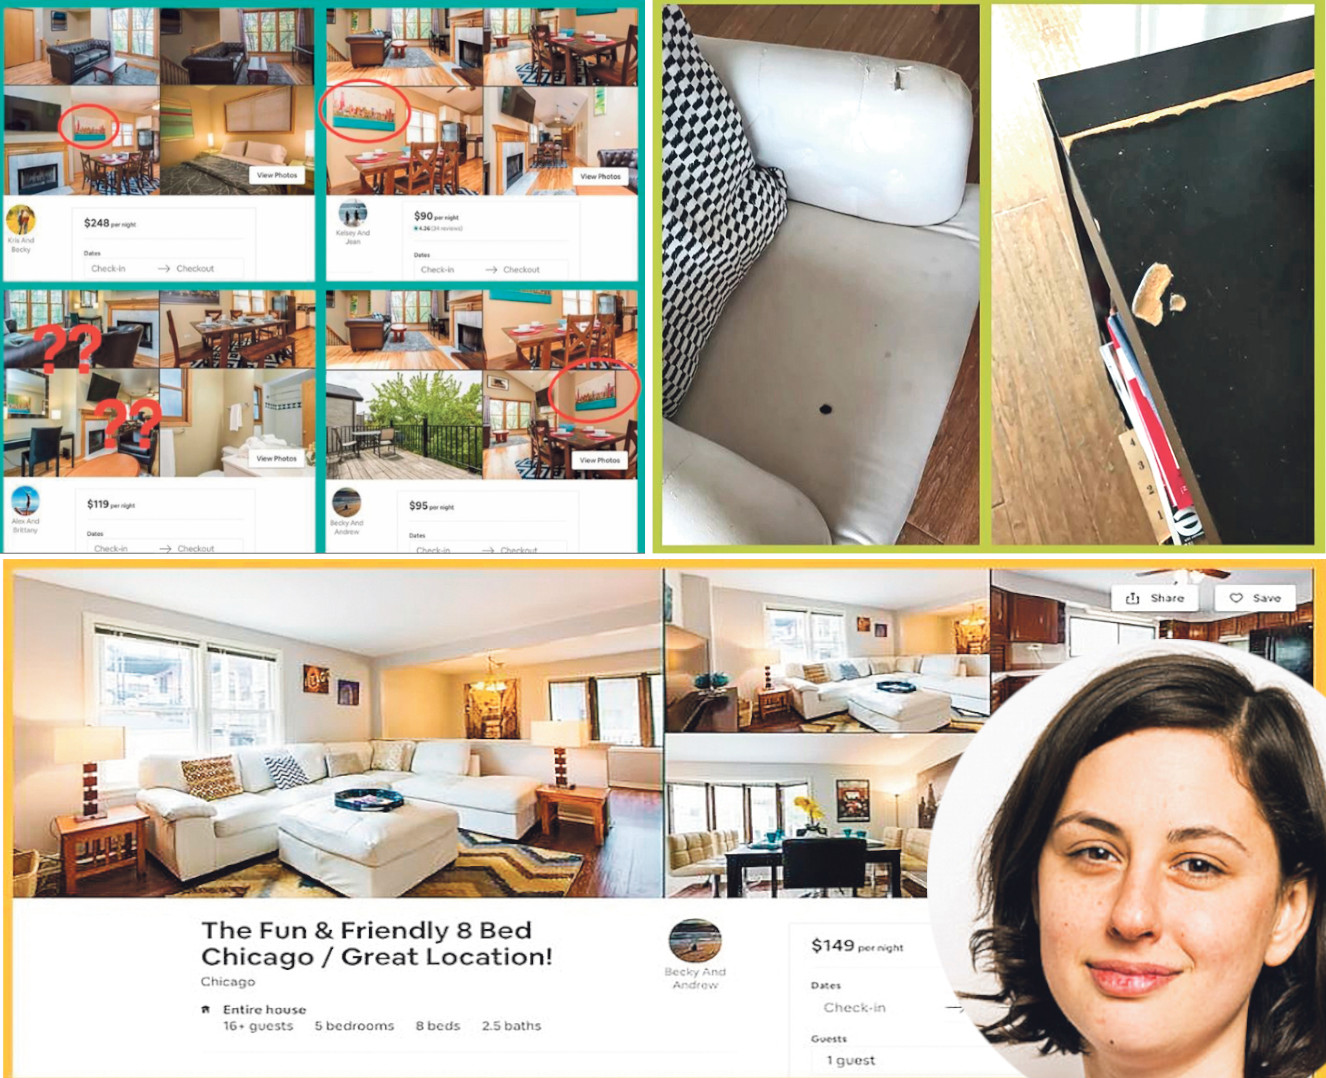 Fotografije apartmana i novinarka Allie Cont u krugu